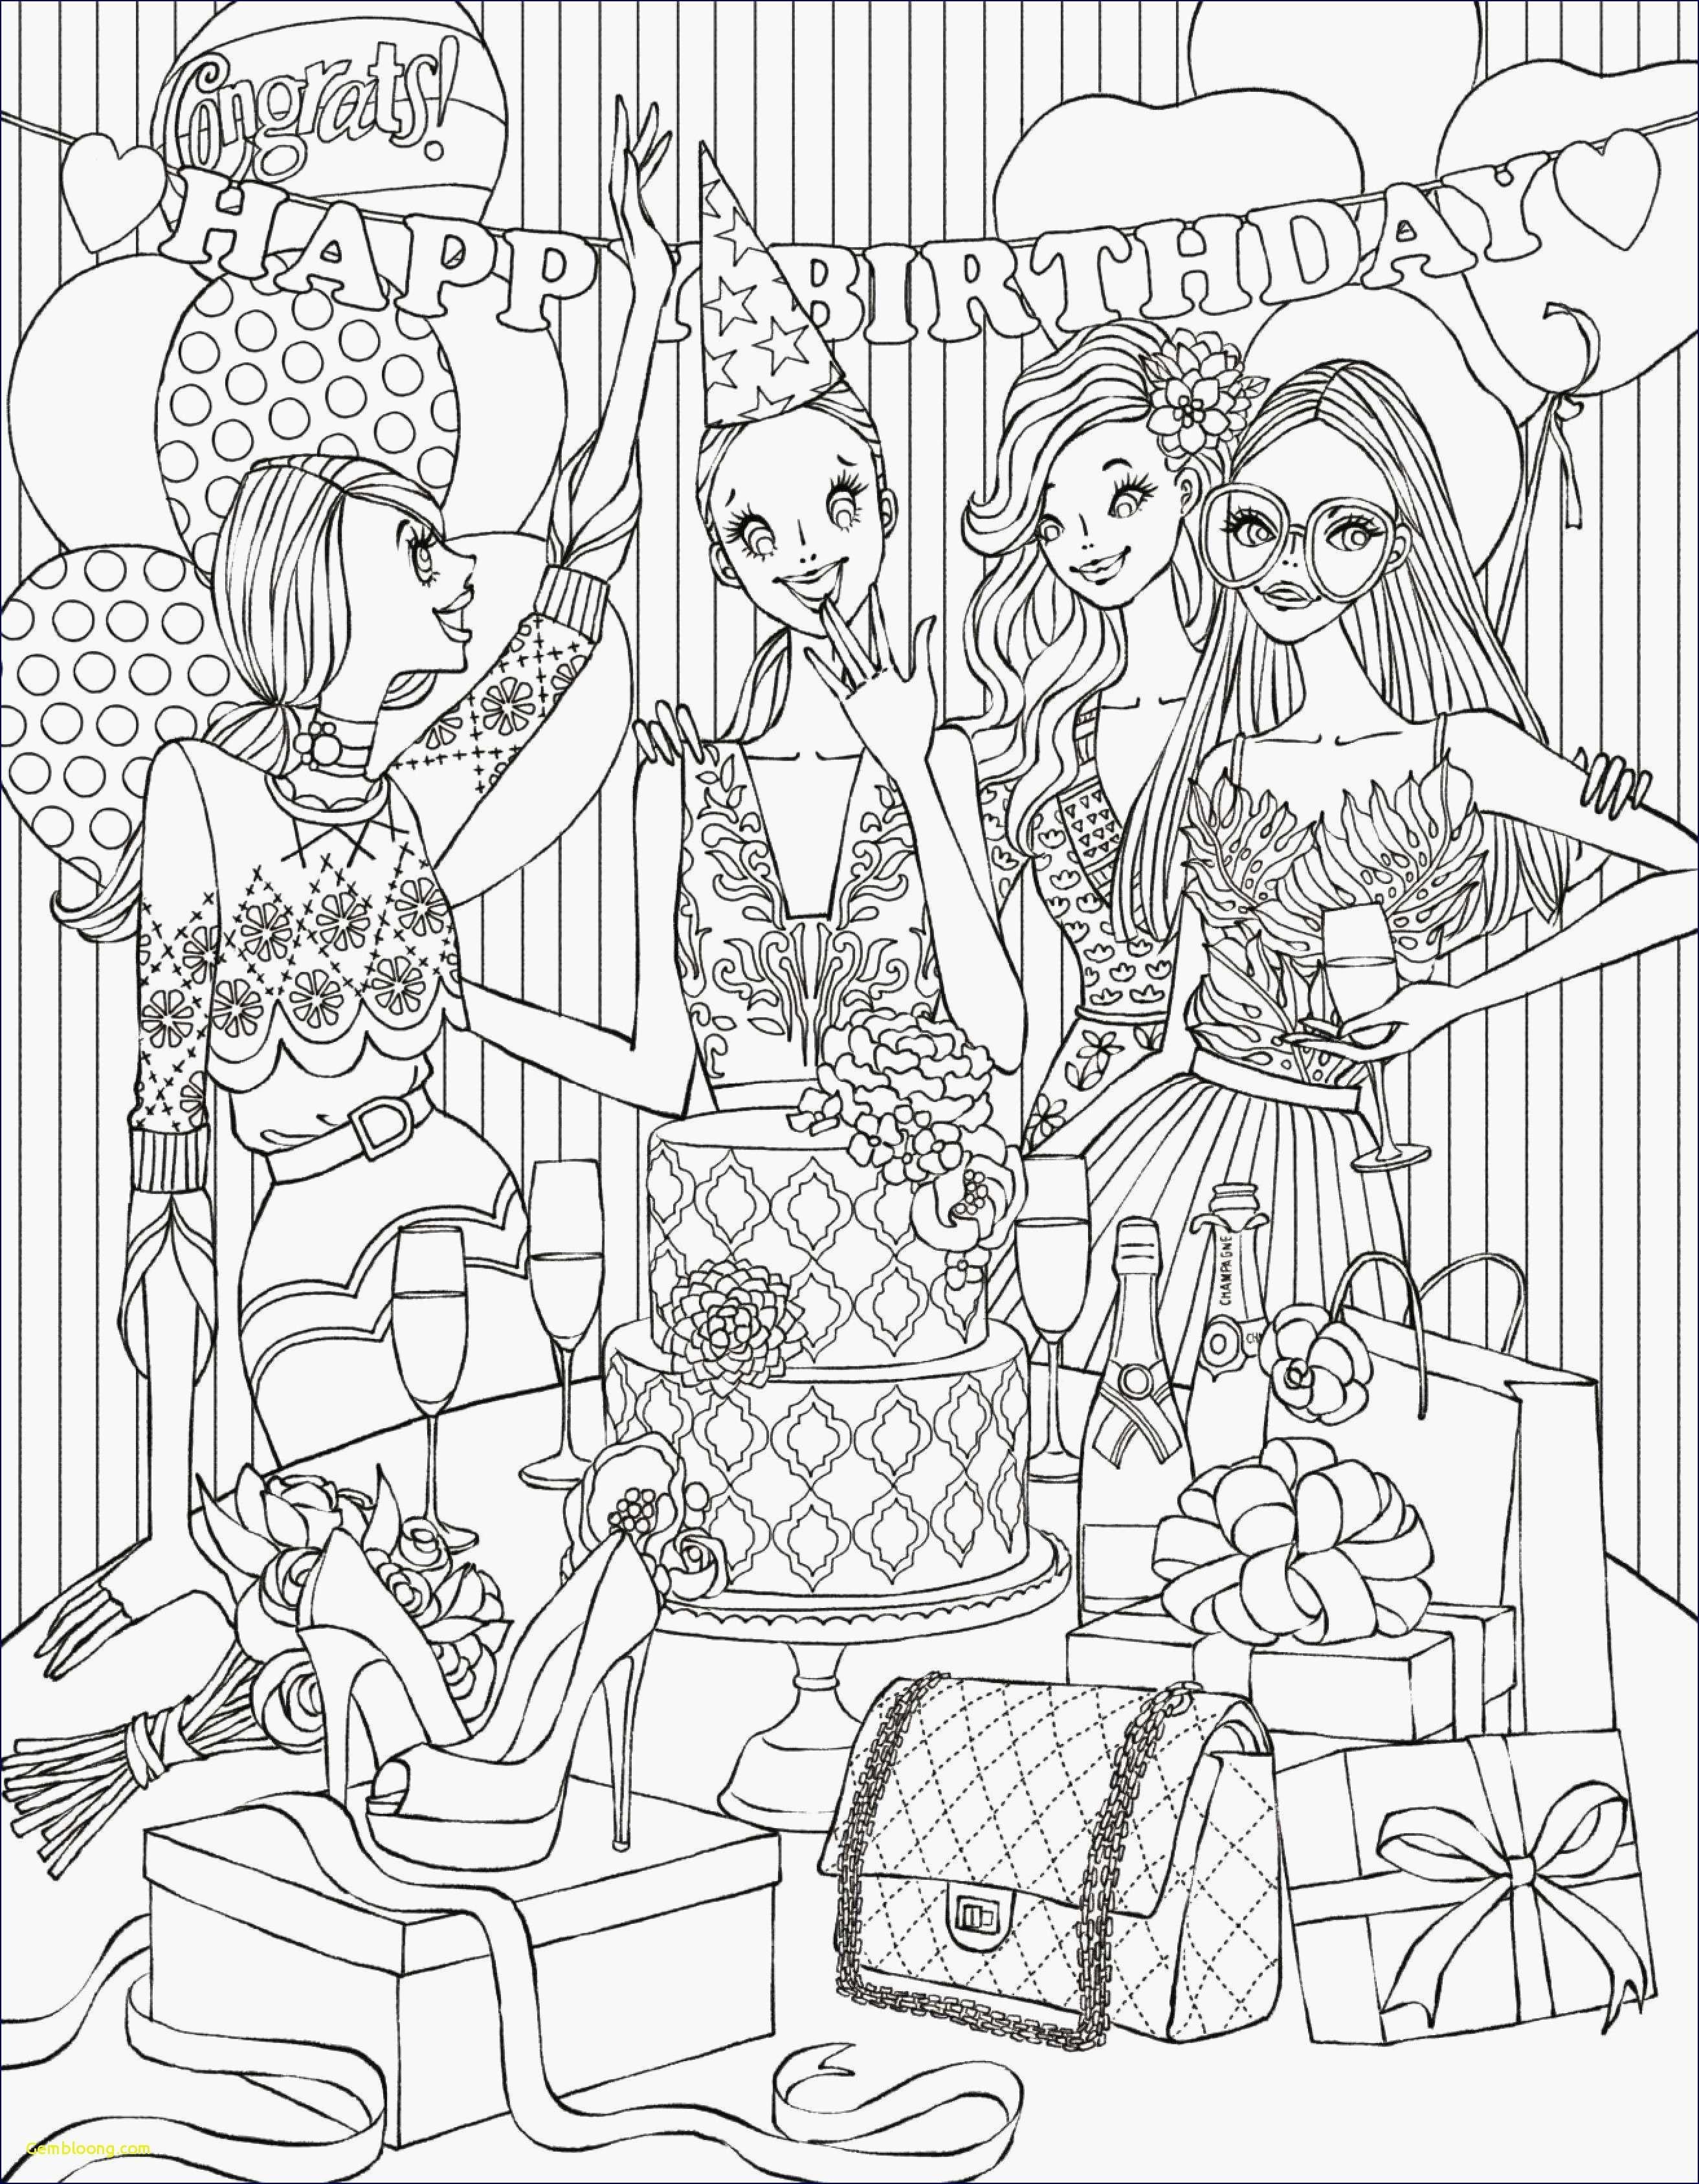 Ausmalbilder My Little Pony Applejack Einzigartig Line Coloring Book New Ausmalbilder Prinzessin Einzigartig Stock